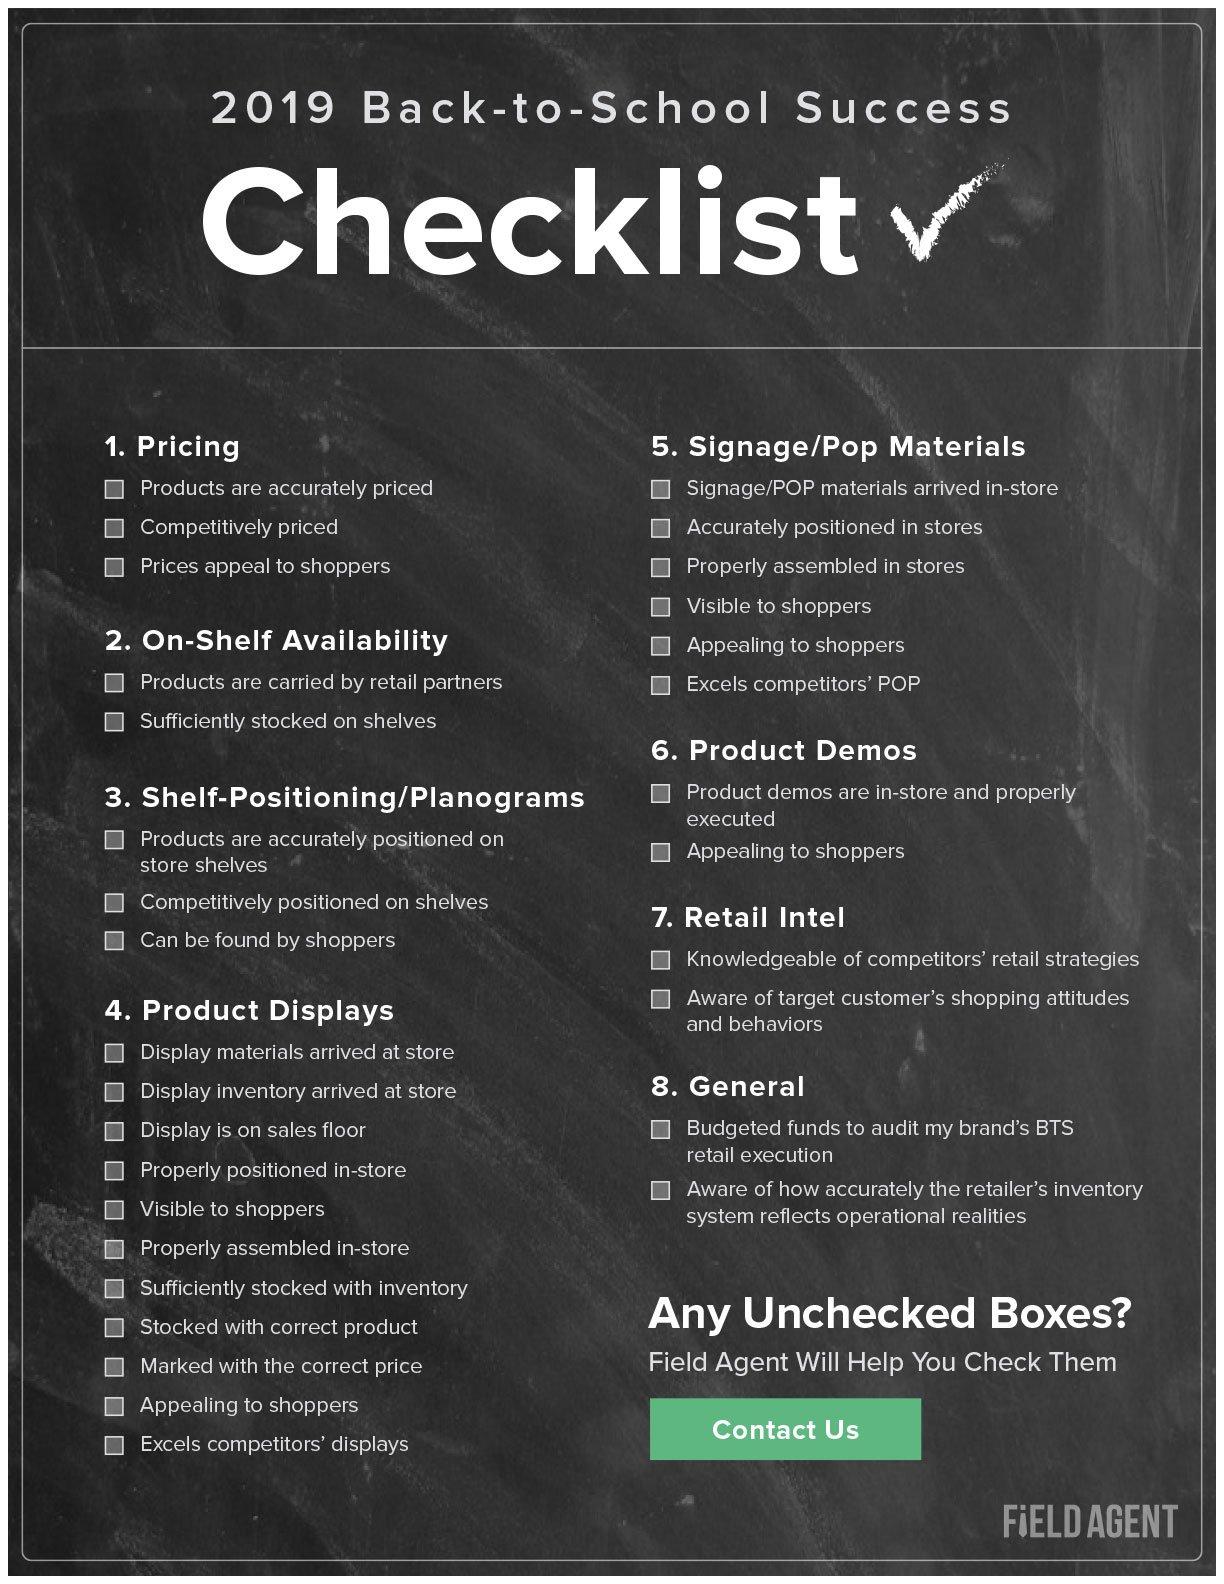 BTS-2019-Checklist